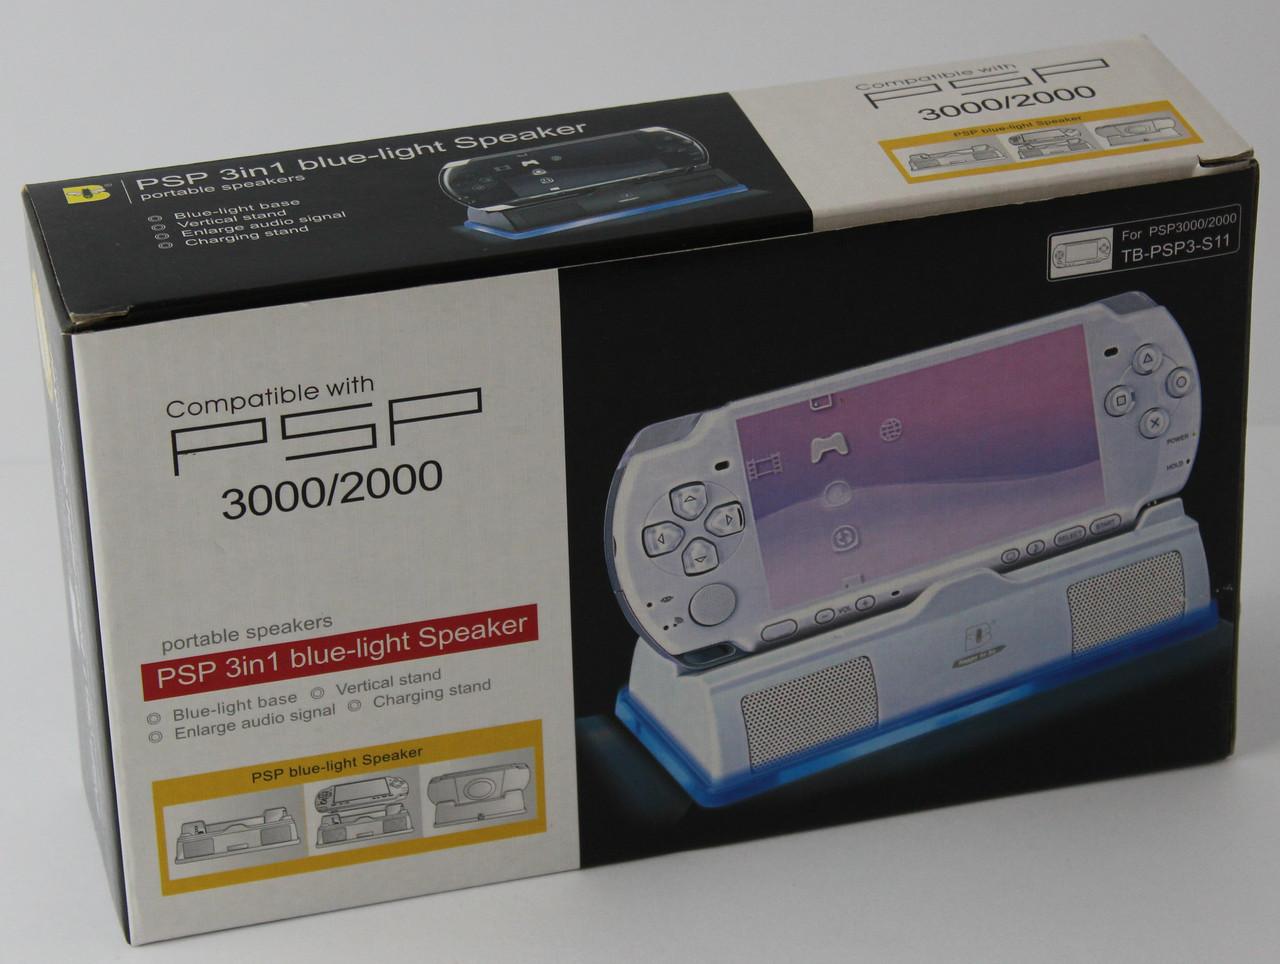 PSP 3in 1 blue-light Speaker